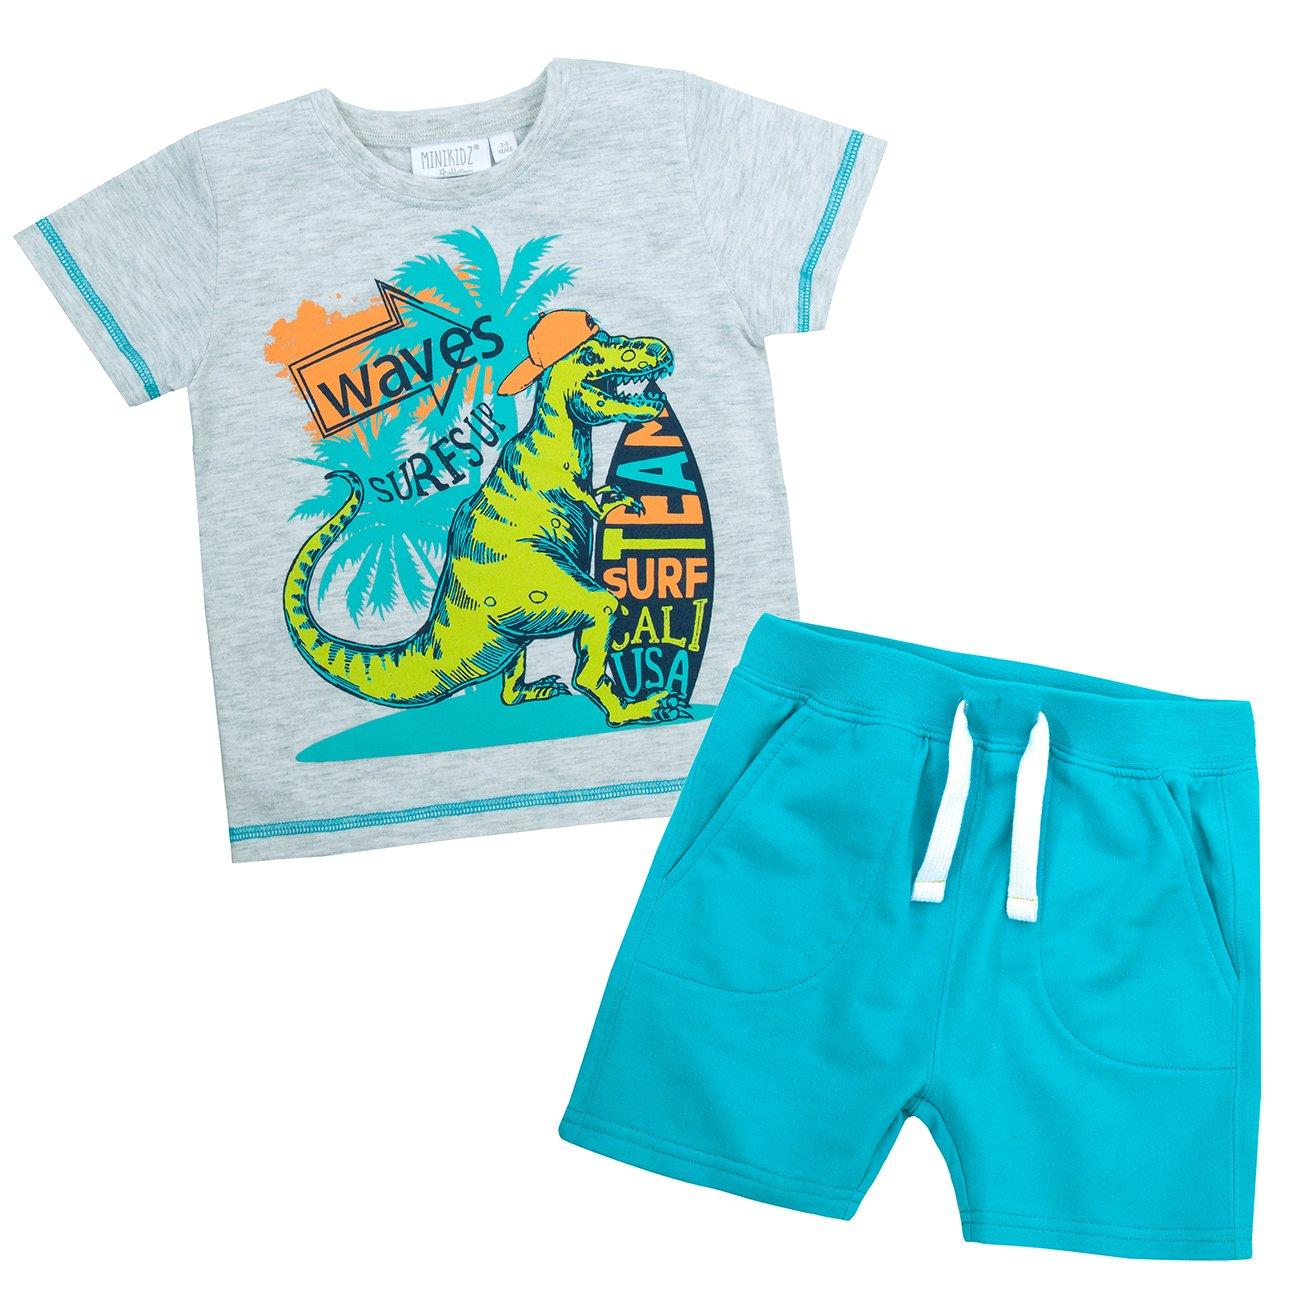 f7defc871 Infant Boys Tshirt Shorts Dinosaur Outfit Summer Set  Amazon.co.uk ...